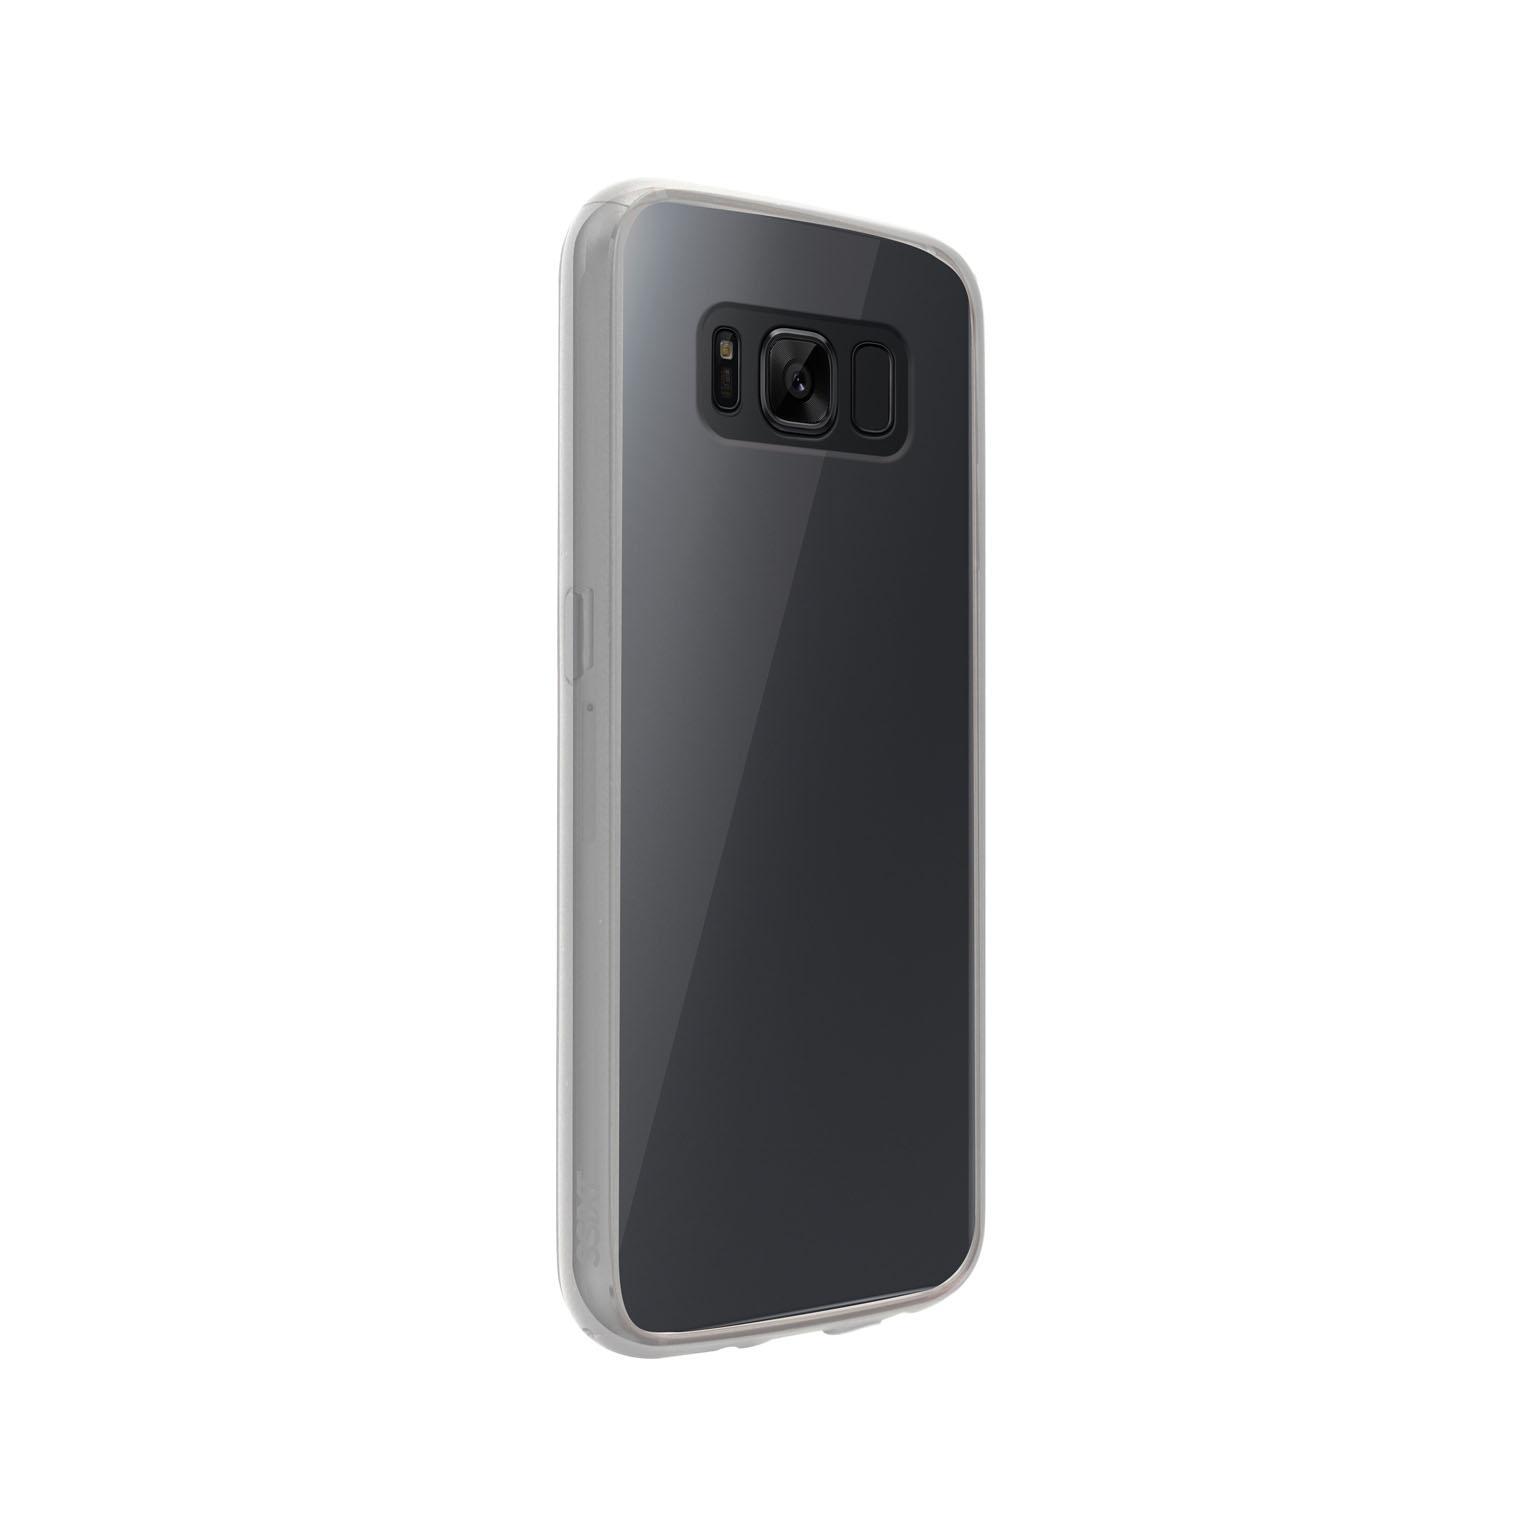 Afbeelding van Samsung Galaxy S8 Hoesje 3SIXT